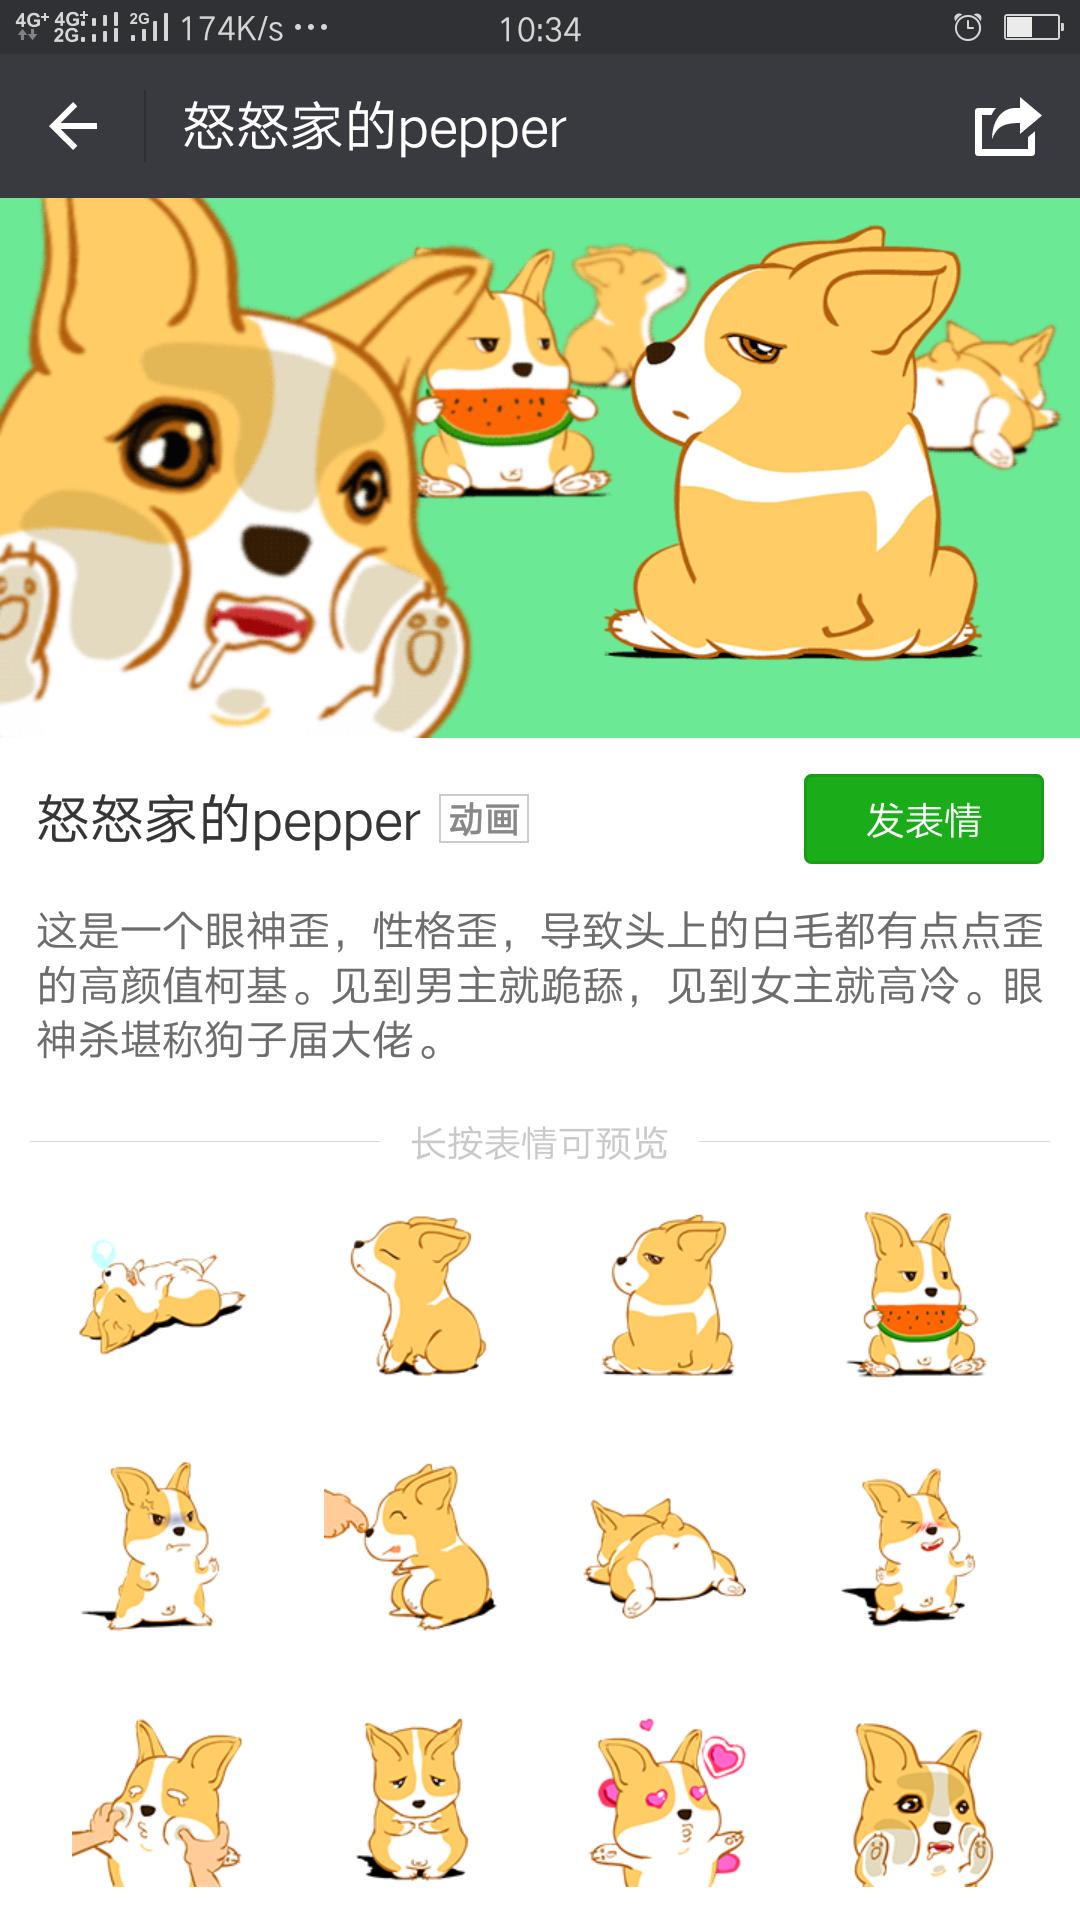 初做微信上架表情:怒怒家的pepper,从此a表情表情包搞笑大泡泡图片